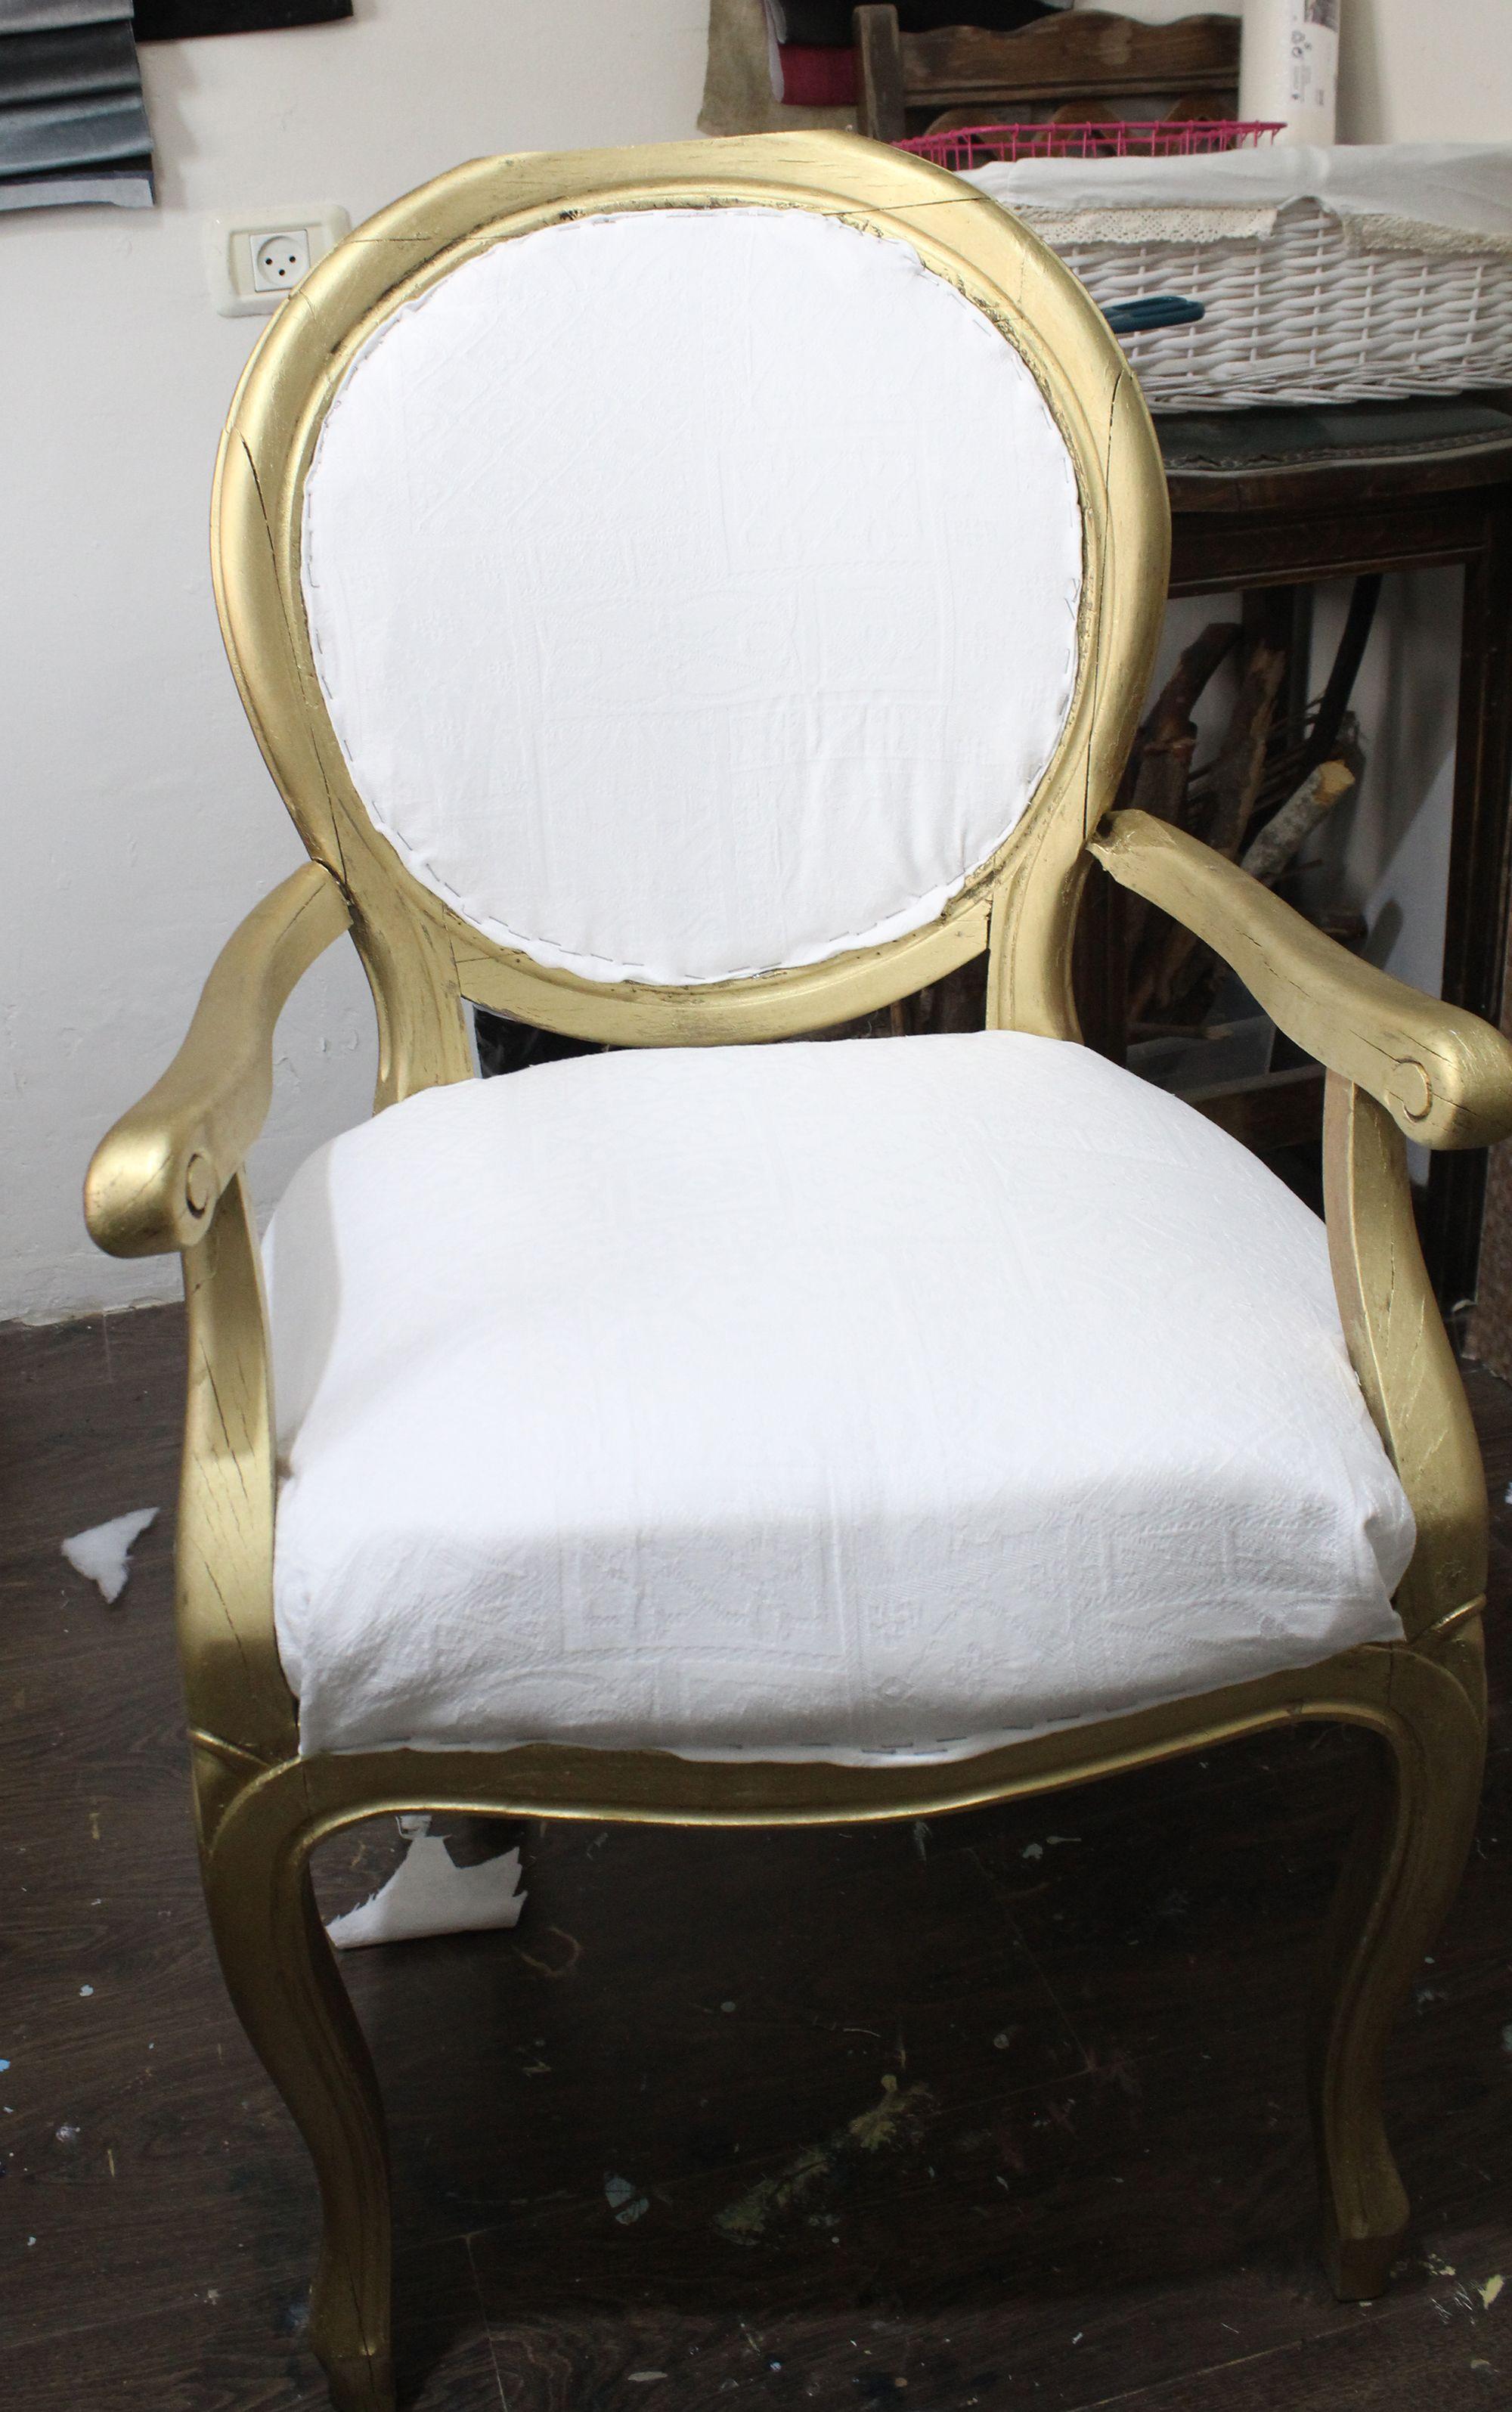 IMG 3866 - חידוש כסא עתיק